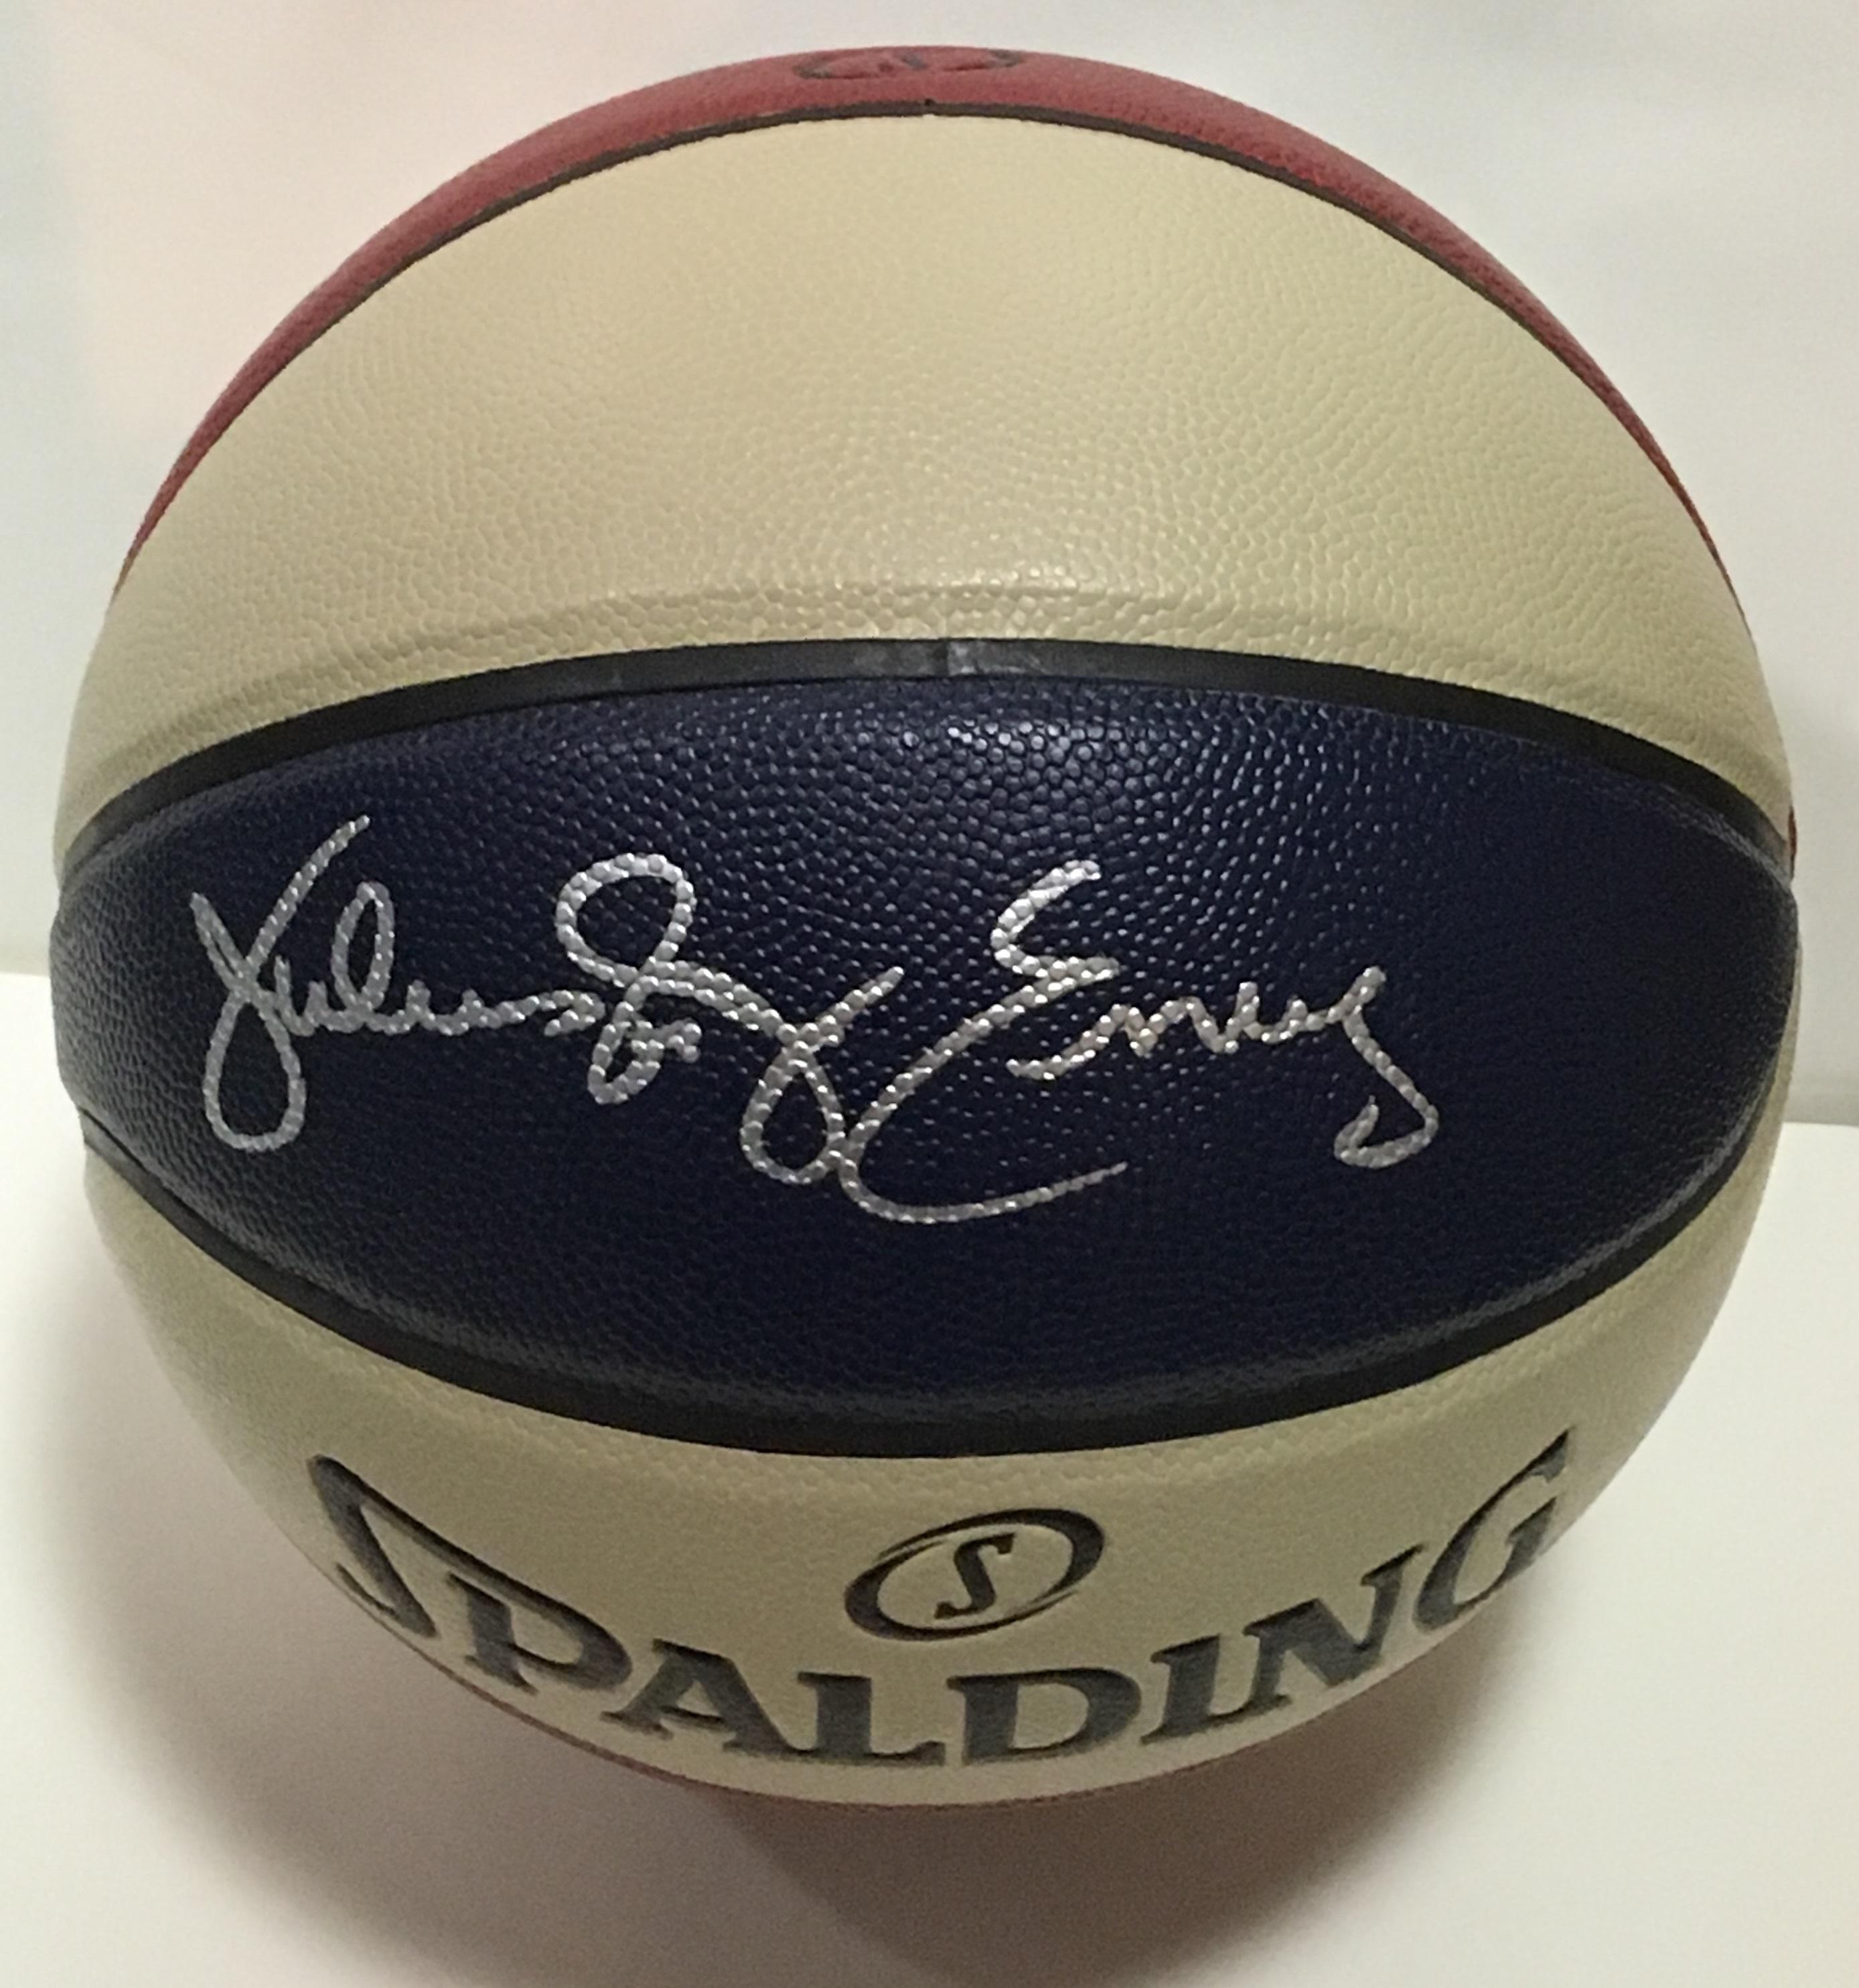 Julius Erving signed Spalding ABA Basketball INS Dr J mint Autograph HOF JSA COA